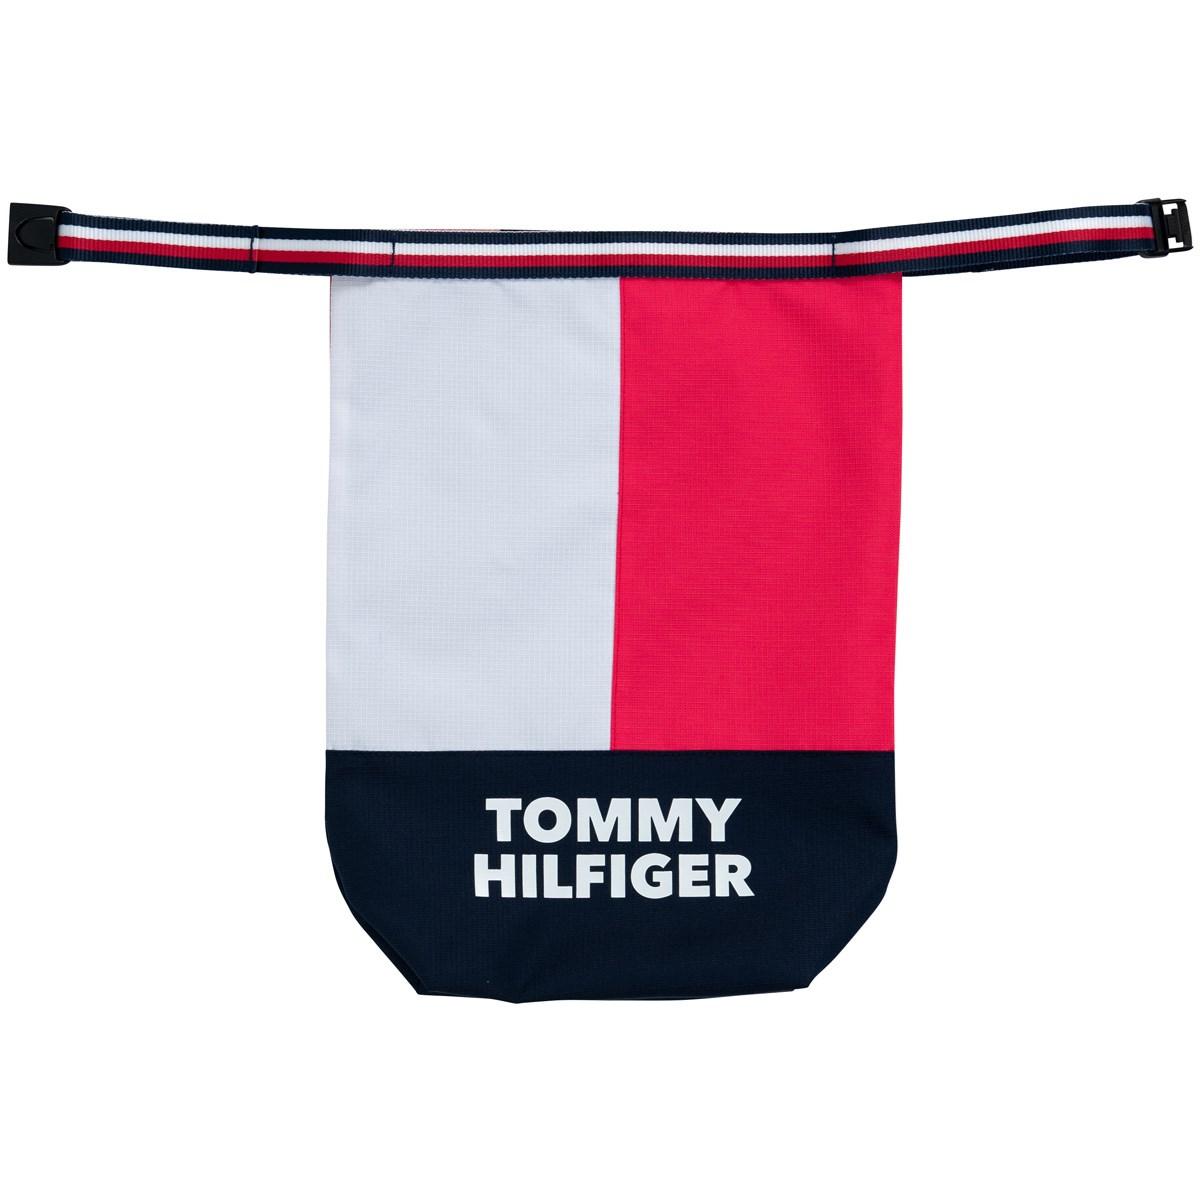 トミー ヒルフィガー ゴルフ TOMMY HILFIGER GOLF SPLIT シューズケース ピンク 48